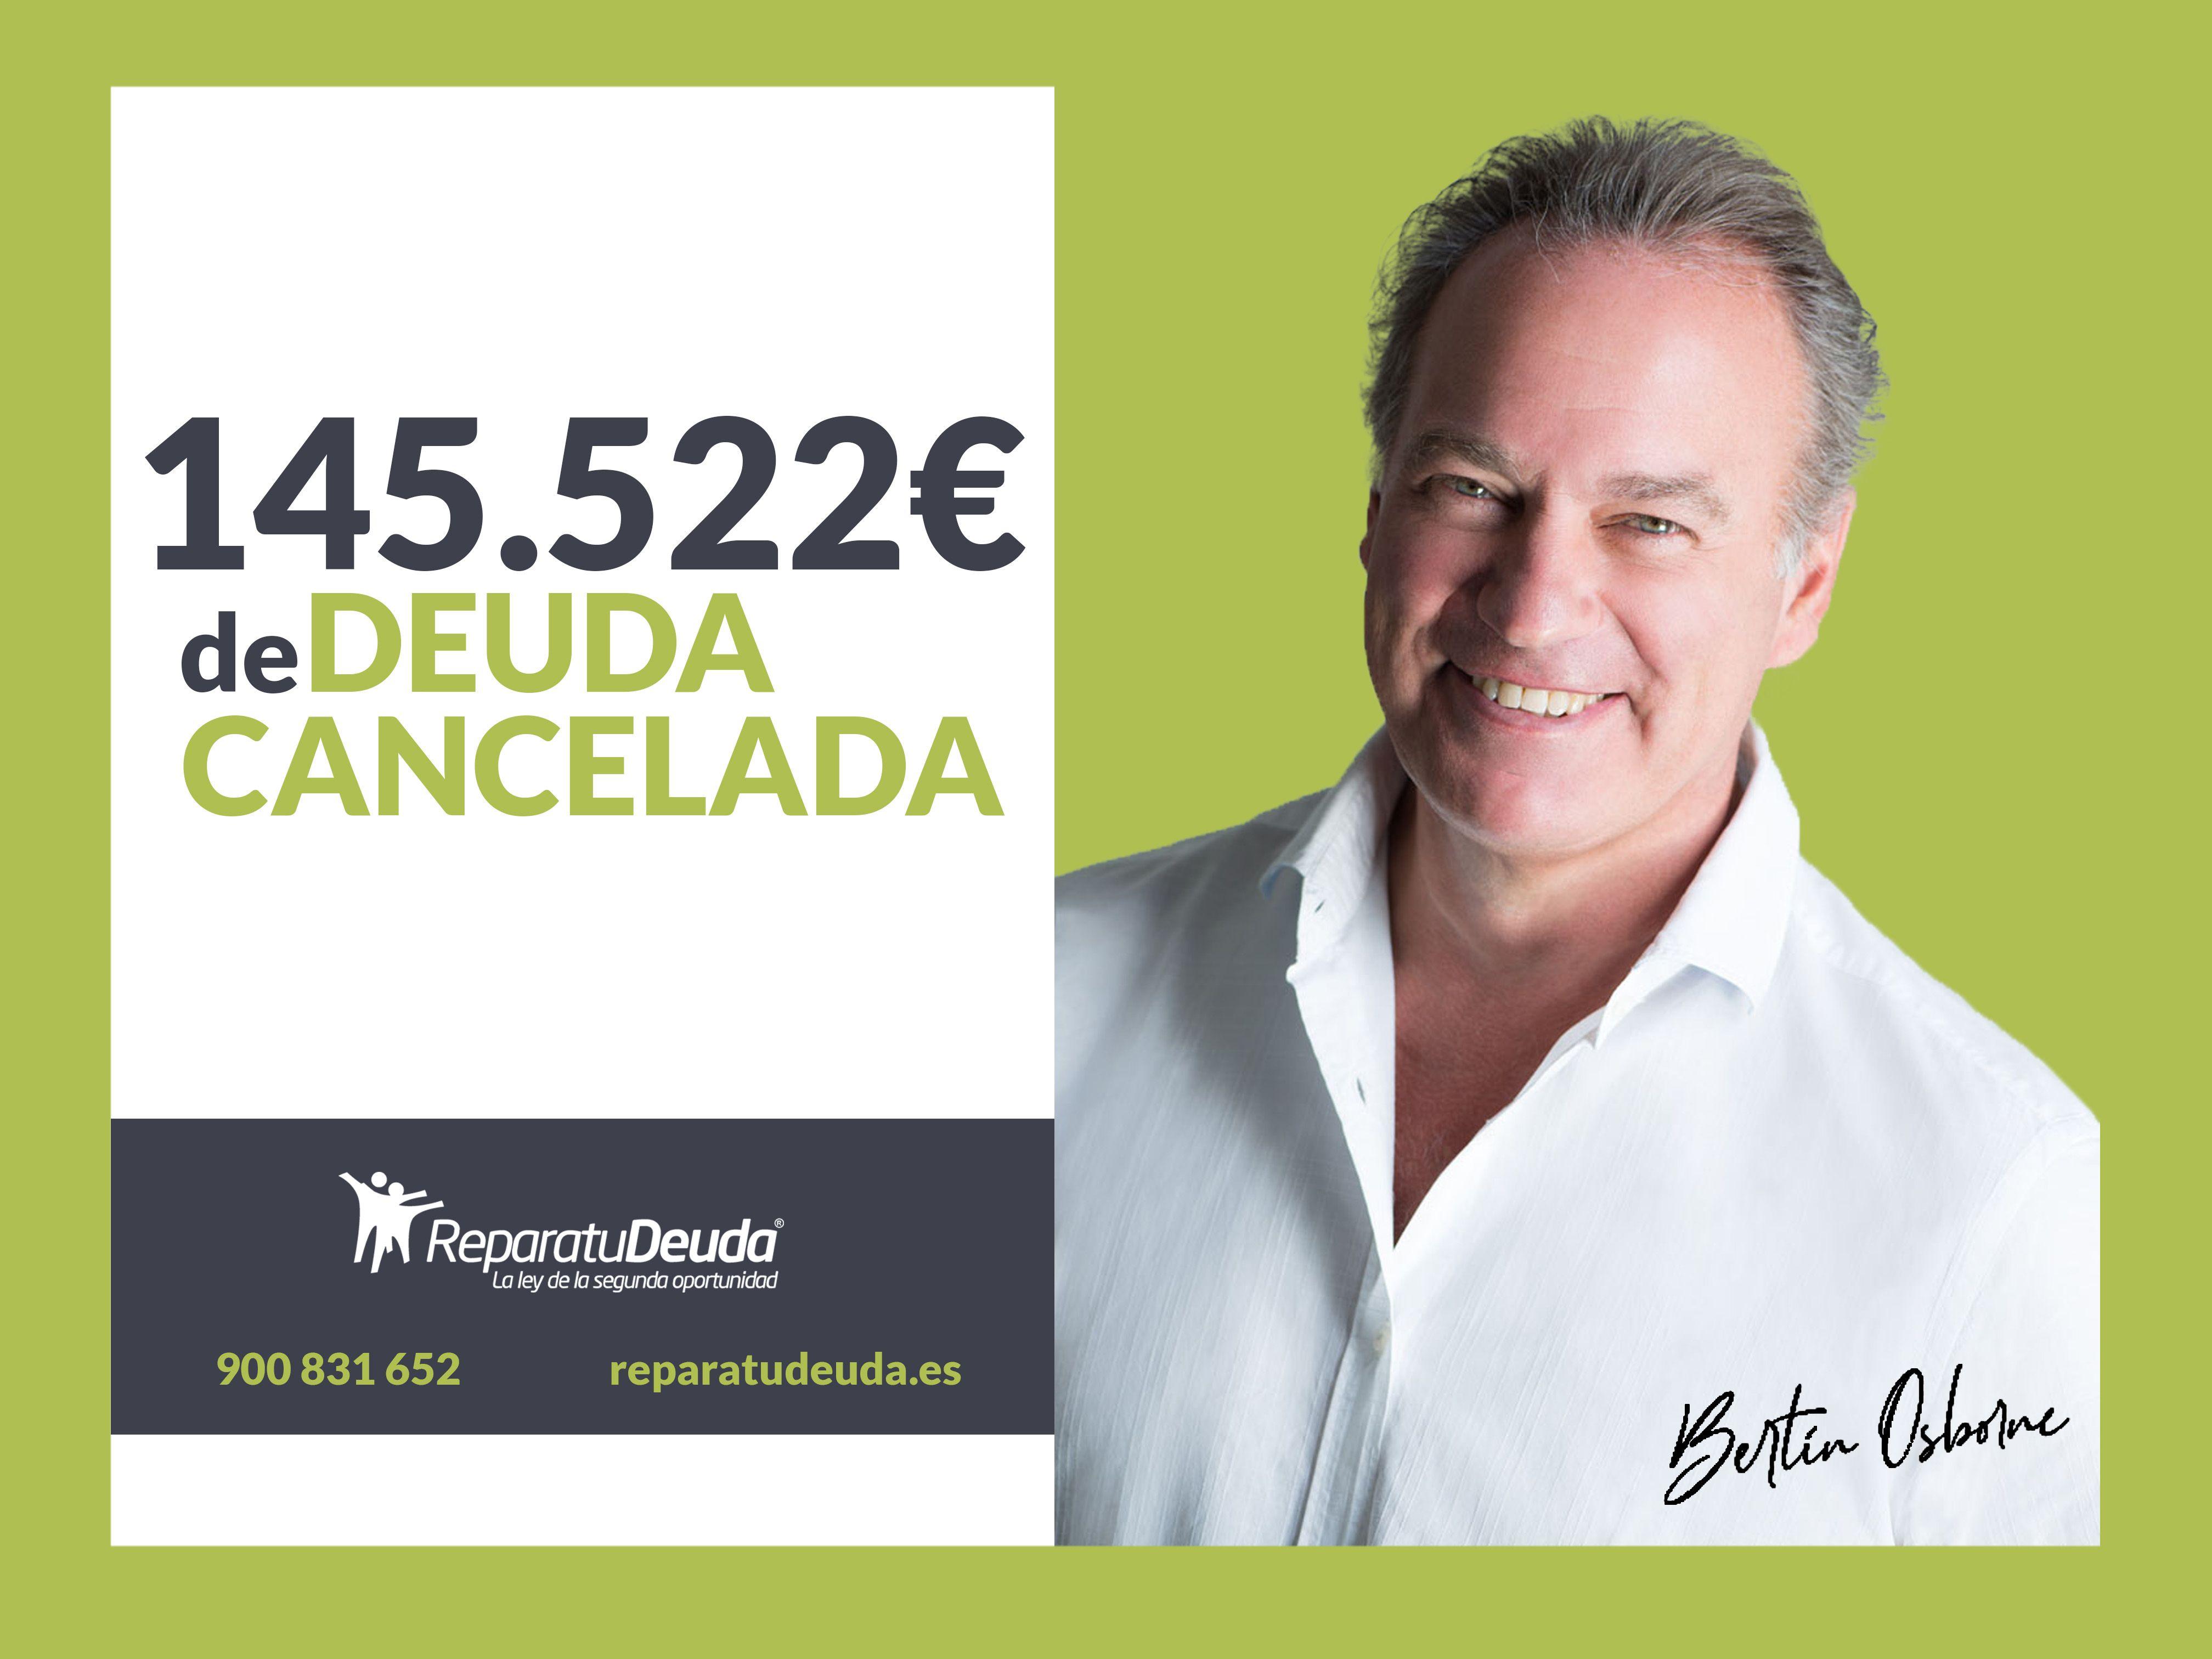 Repara tu Deuda Abogados cancela 145.522? a un vecino de Barcelona con la Ley de Segunda Oportunidad